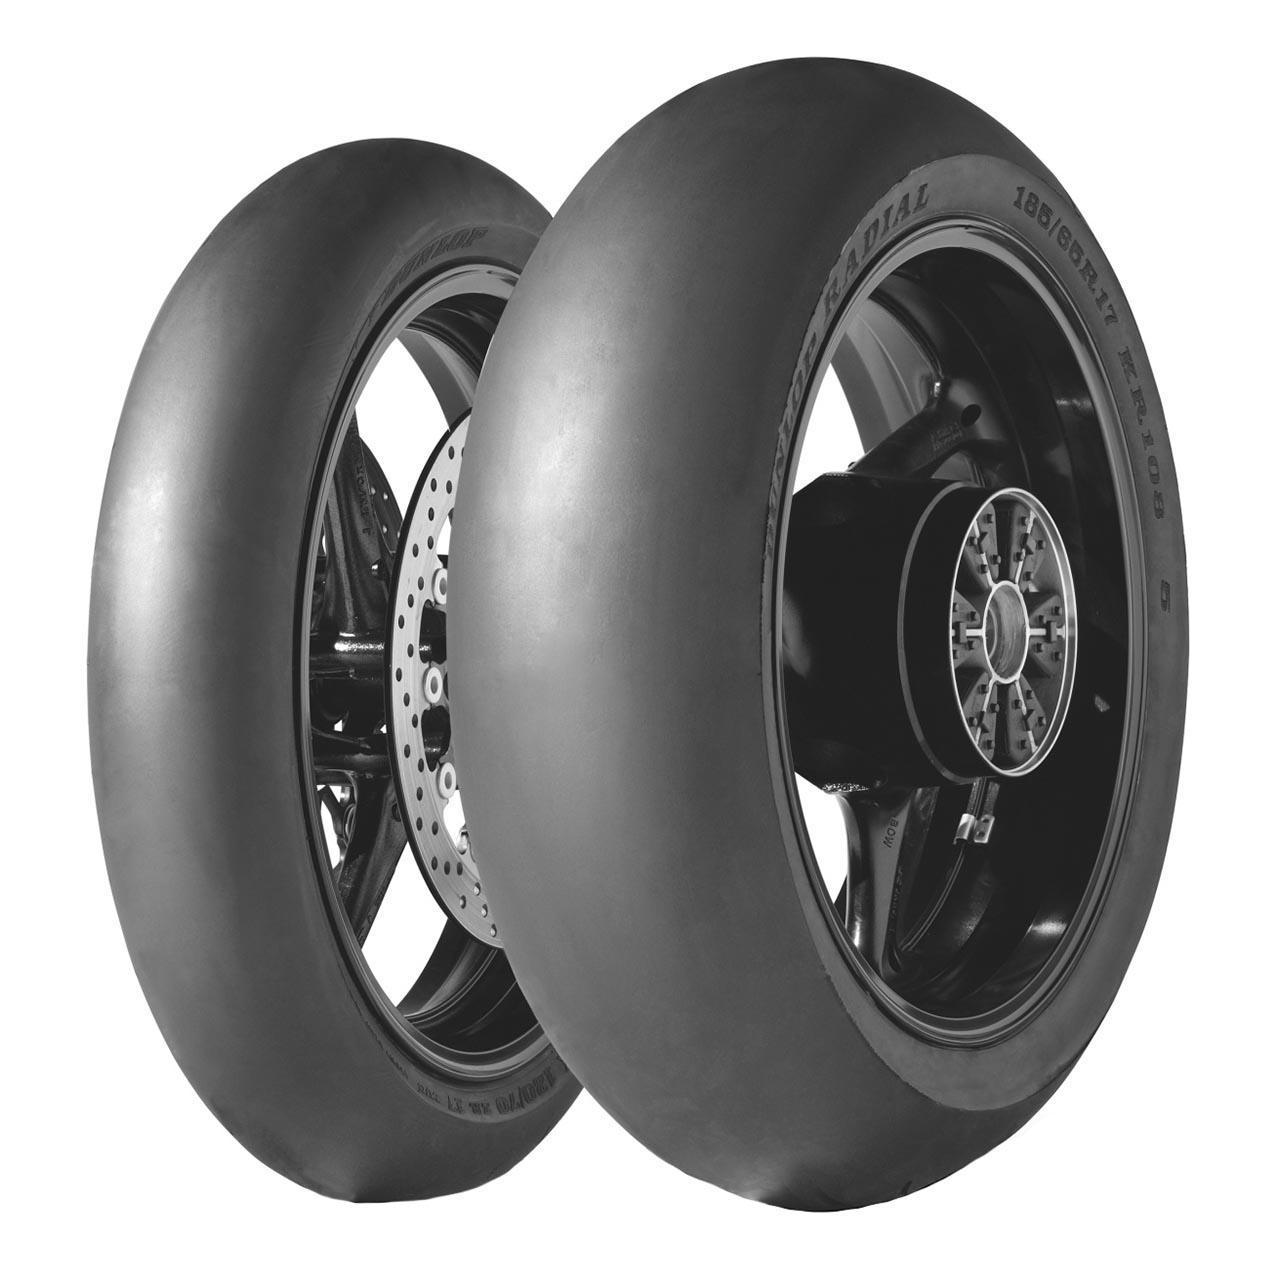 Dunlop KR 106 MS4 302 Front NHS 120/70R17 TL